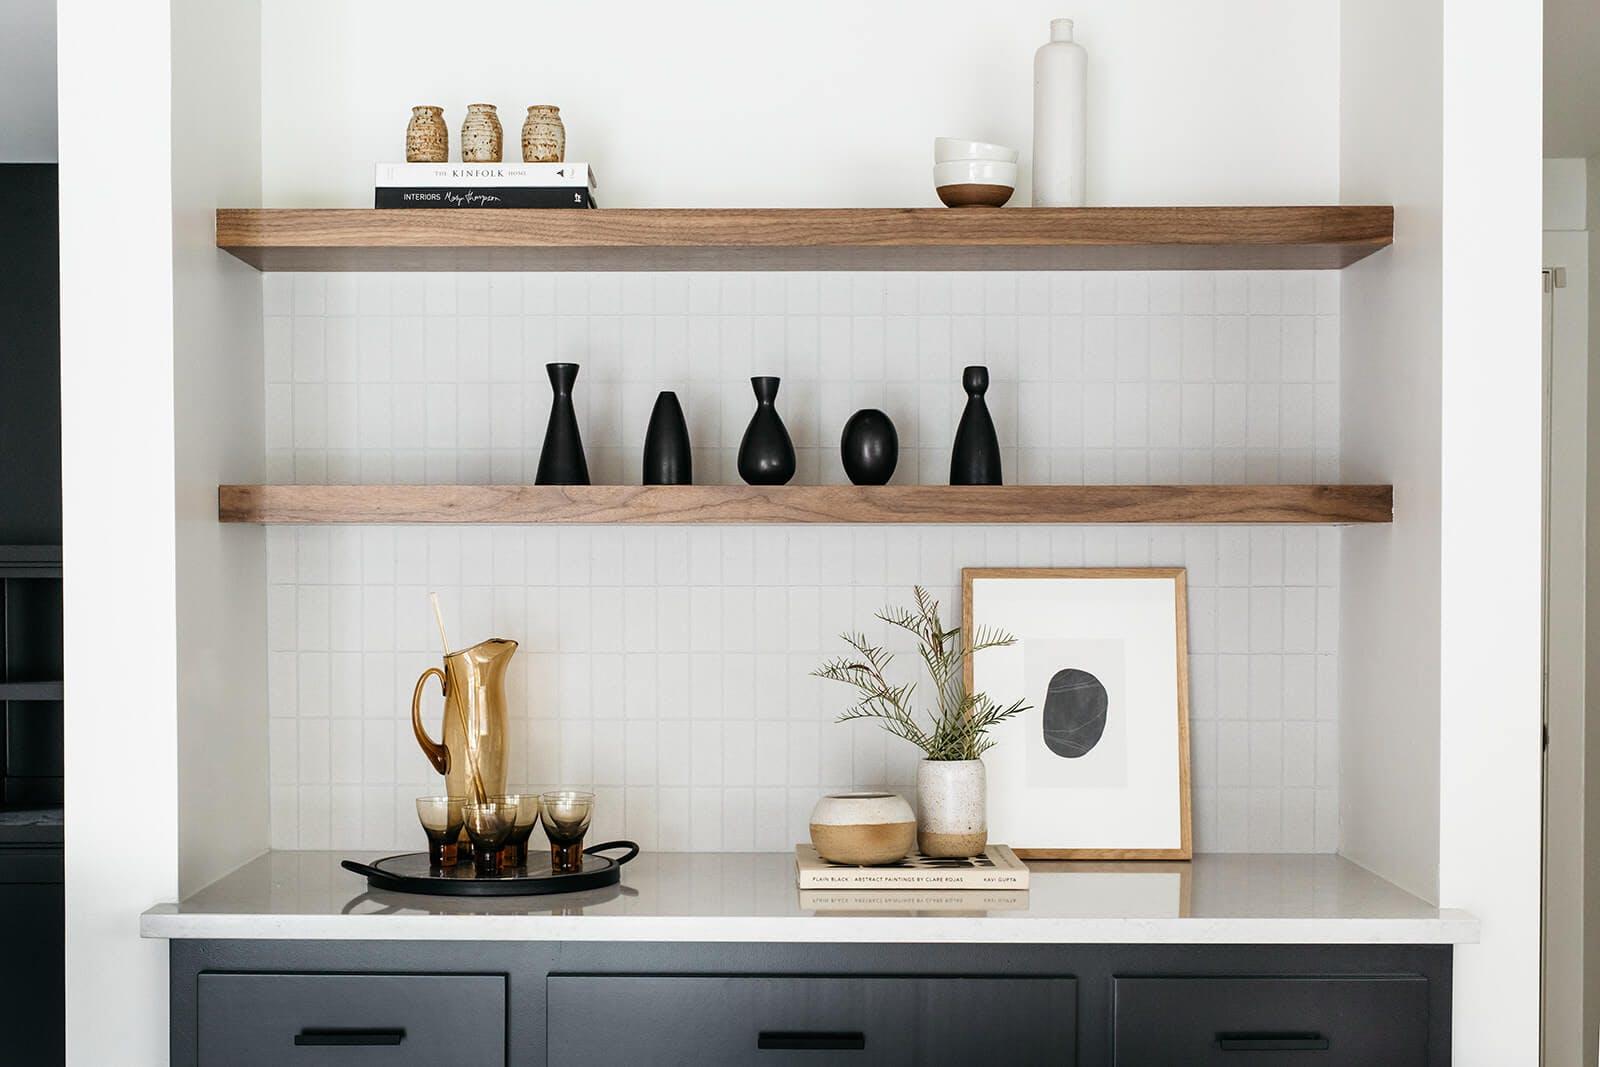 Kitchen shelves decorations